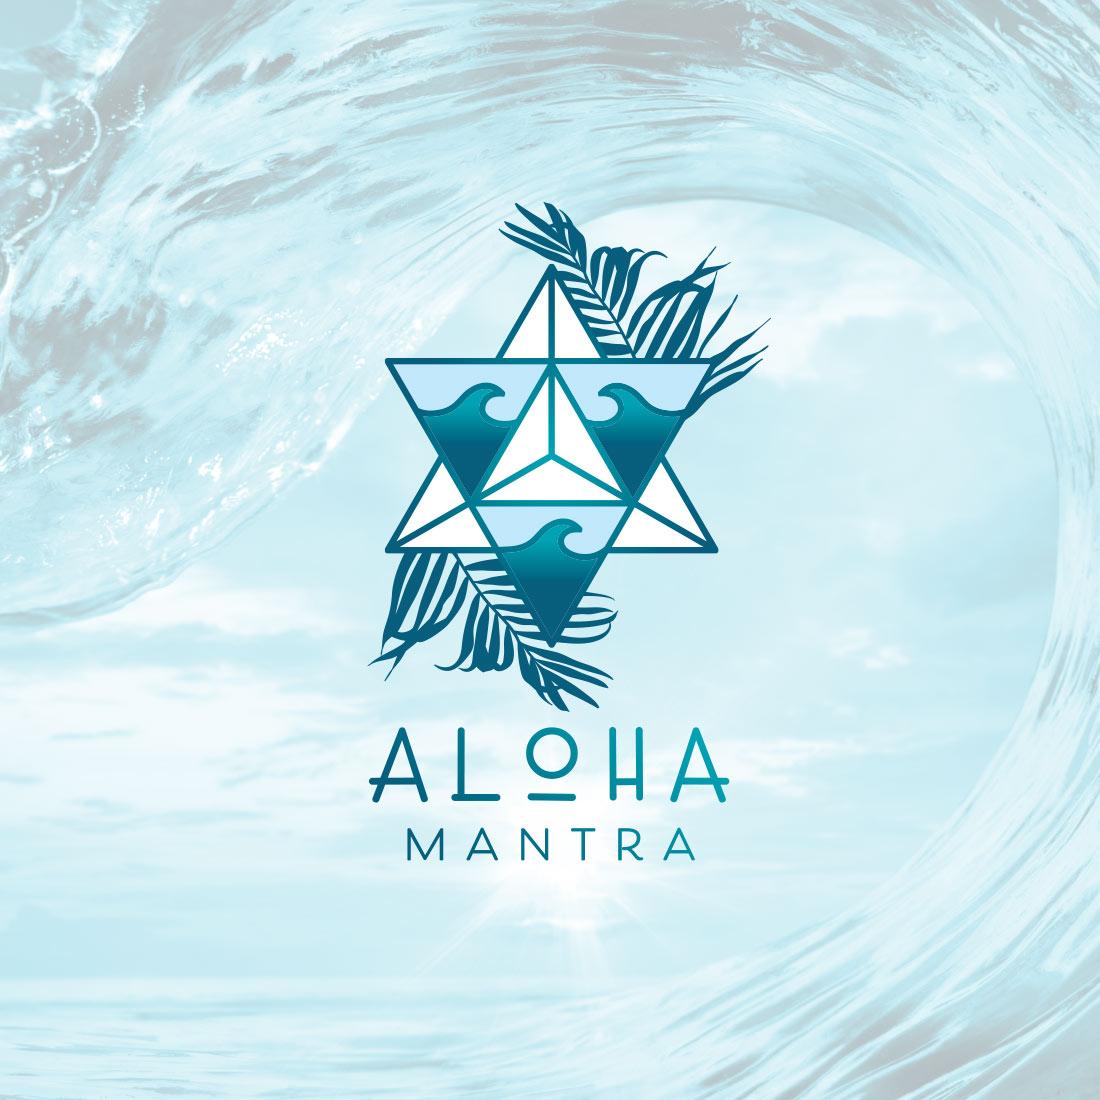 aloha mantra small business music logo design